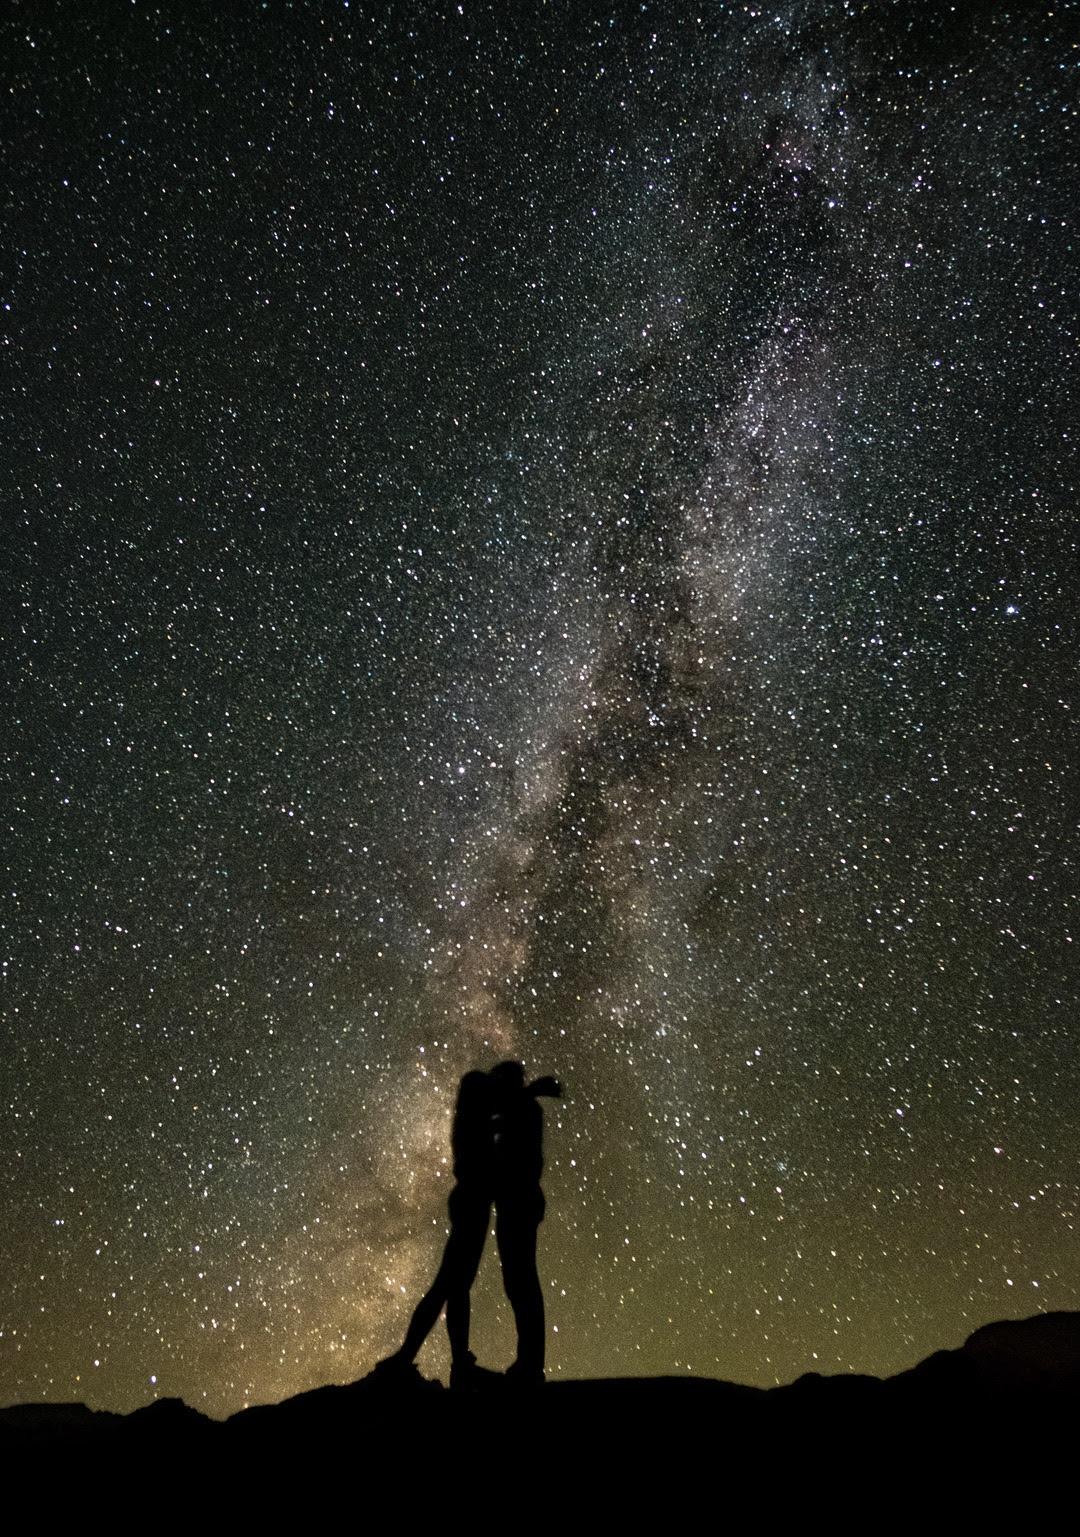 Starry Sky - Matt McK.jpg